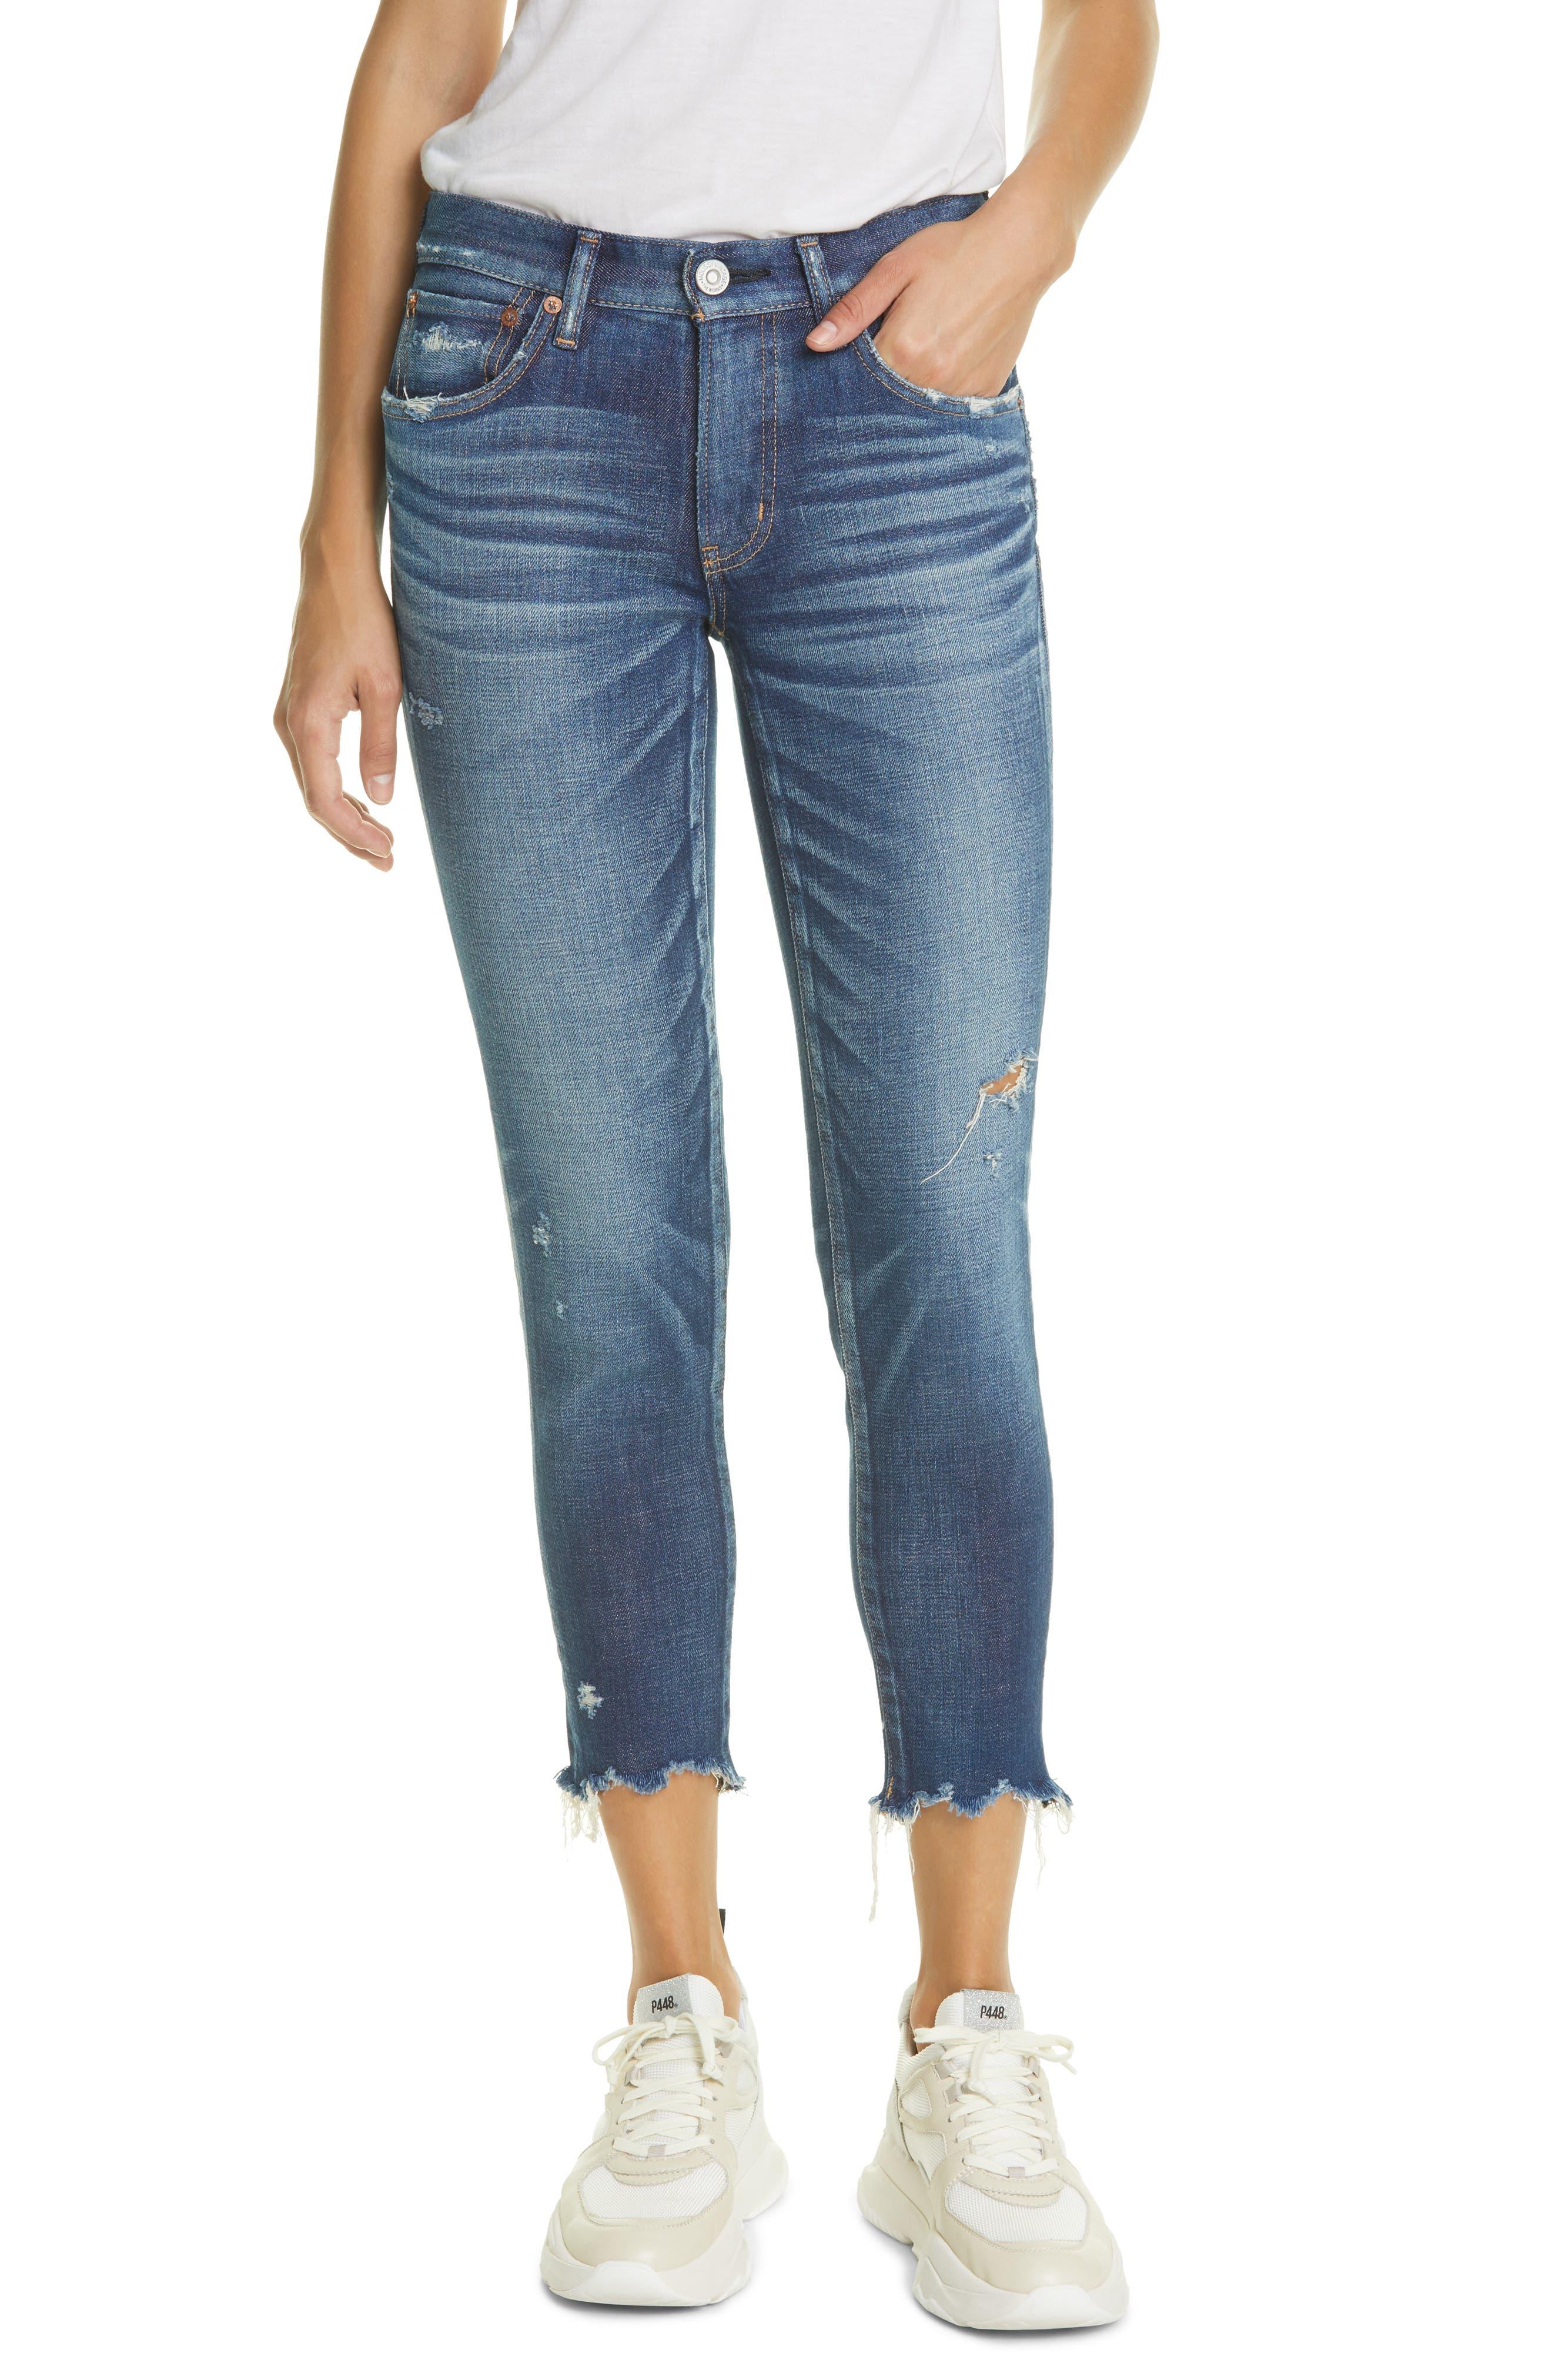 Checotah Distressed Raw Hem Skinny Jeans